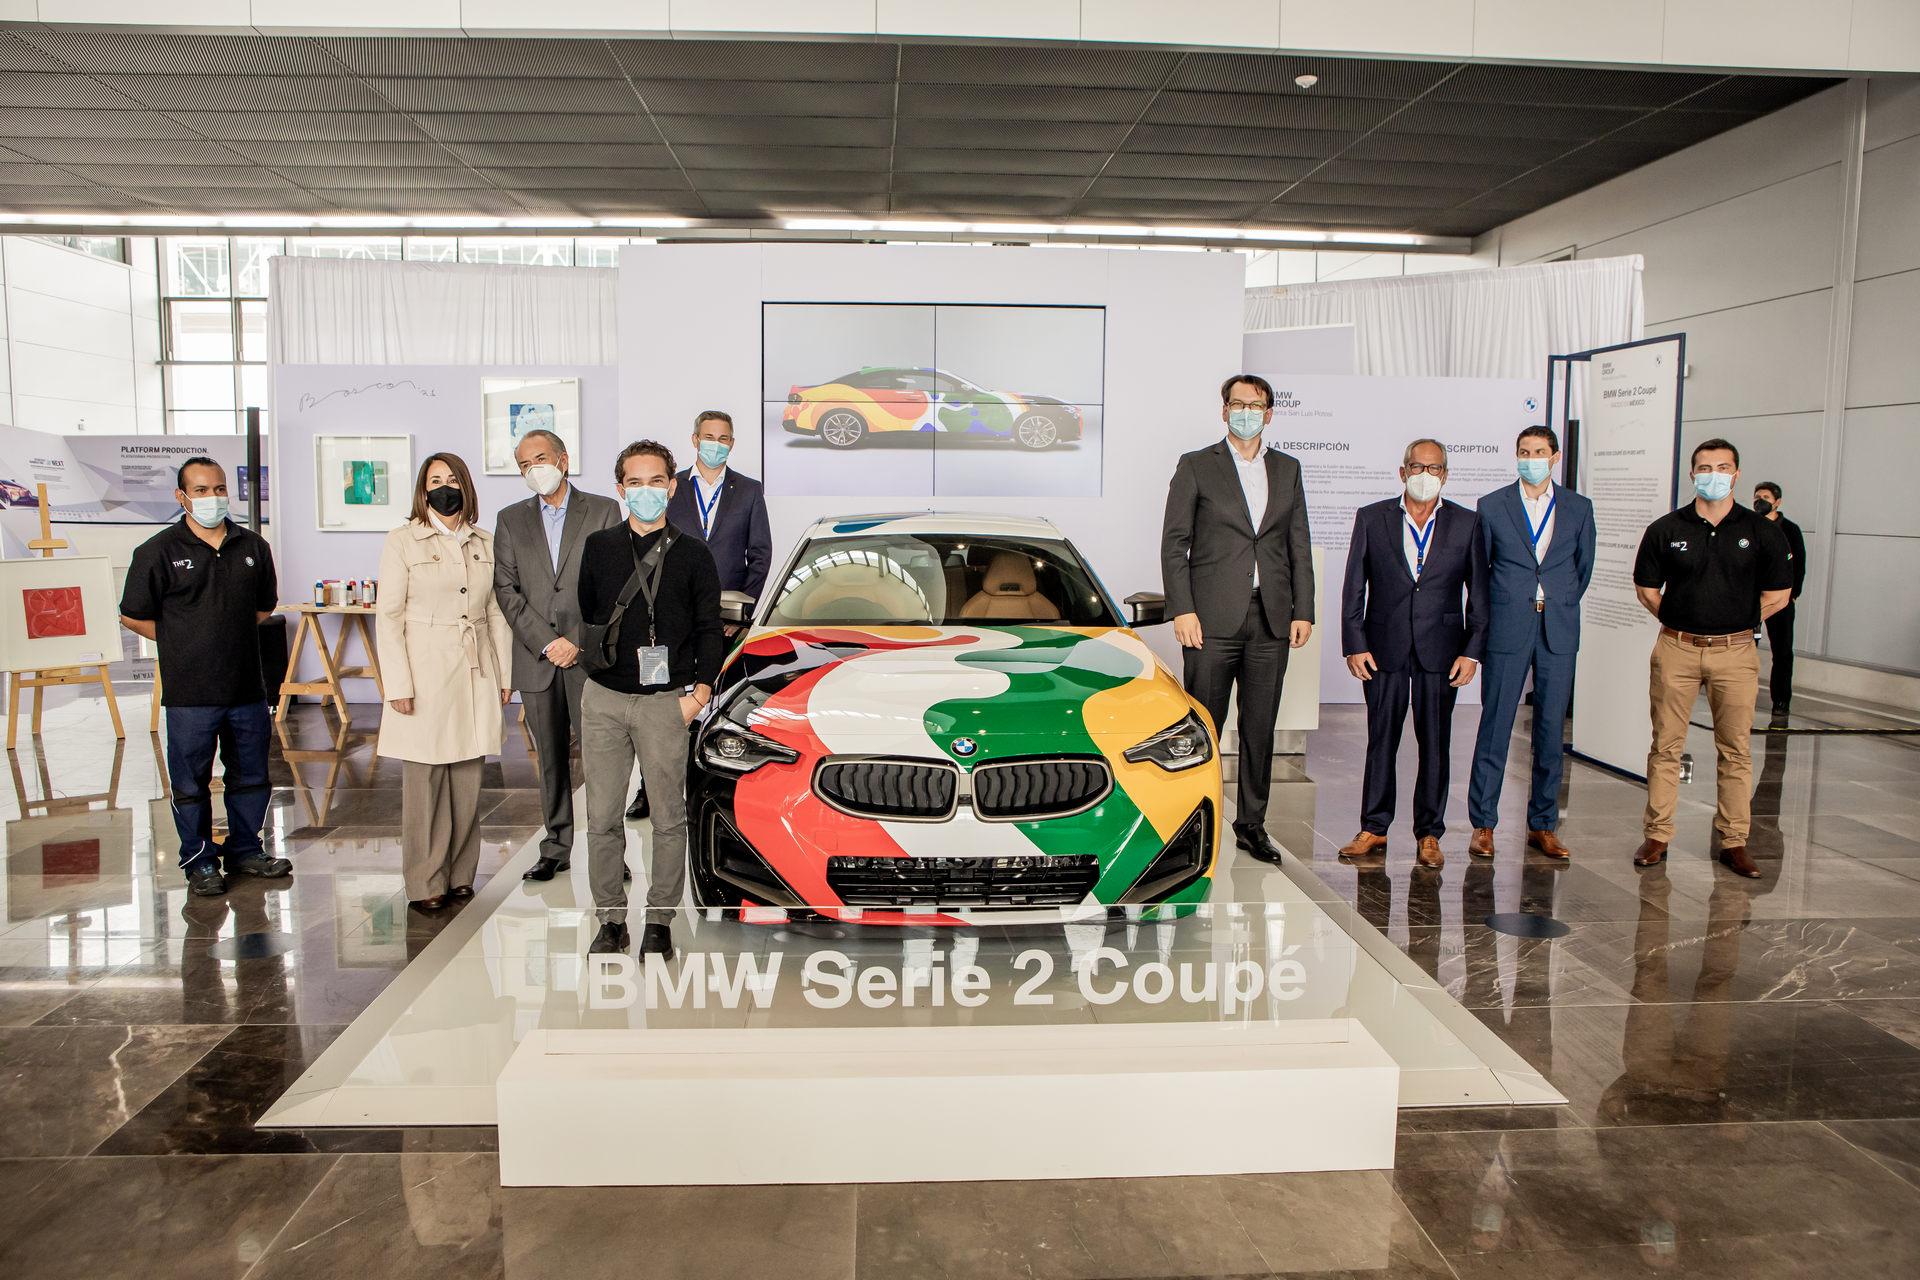 خودروی کوپه BMW M240i در مکزیک، به یک اتومبیل هنری تبدیل شد!